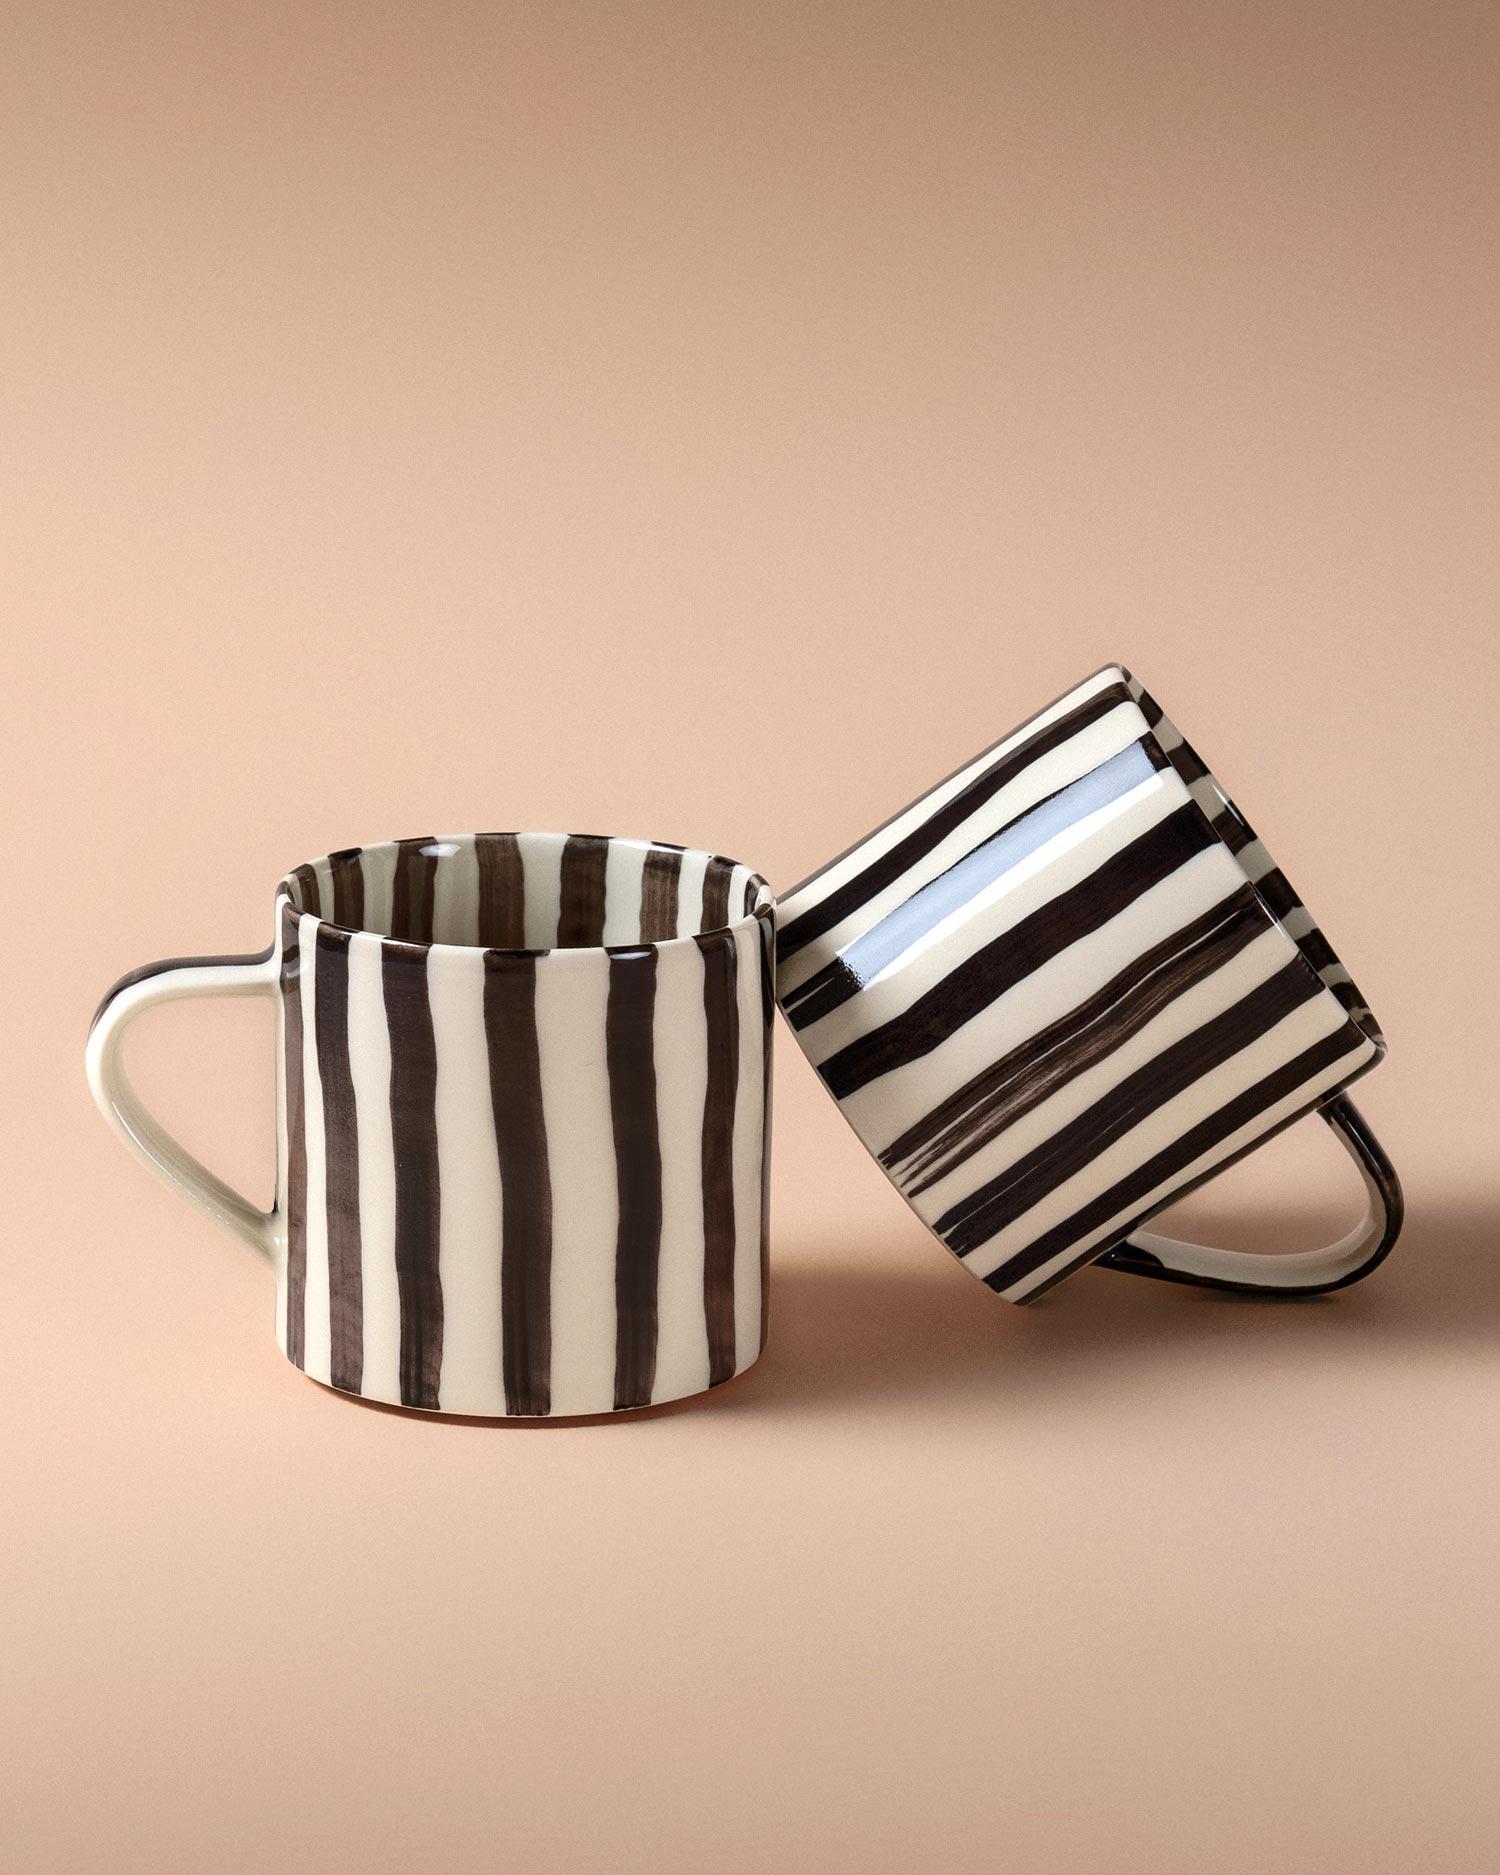 kalligrafi-coffee-cup-black-pp-3.jpg